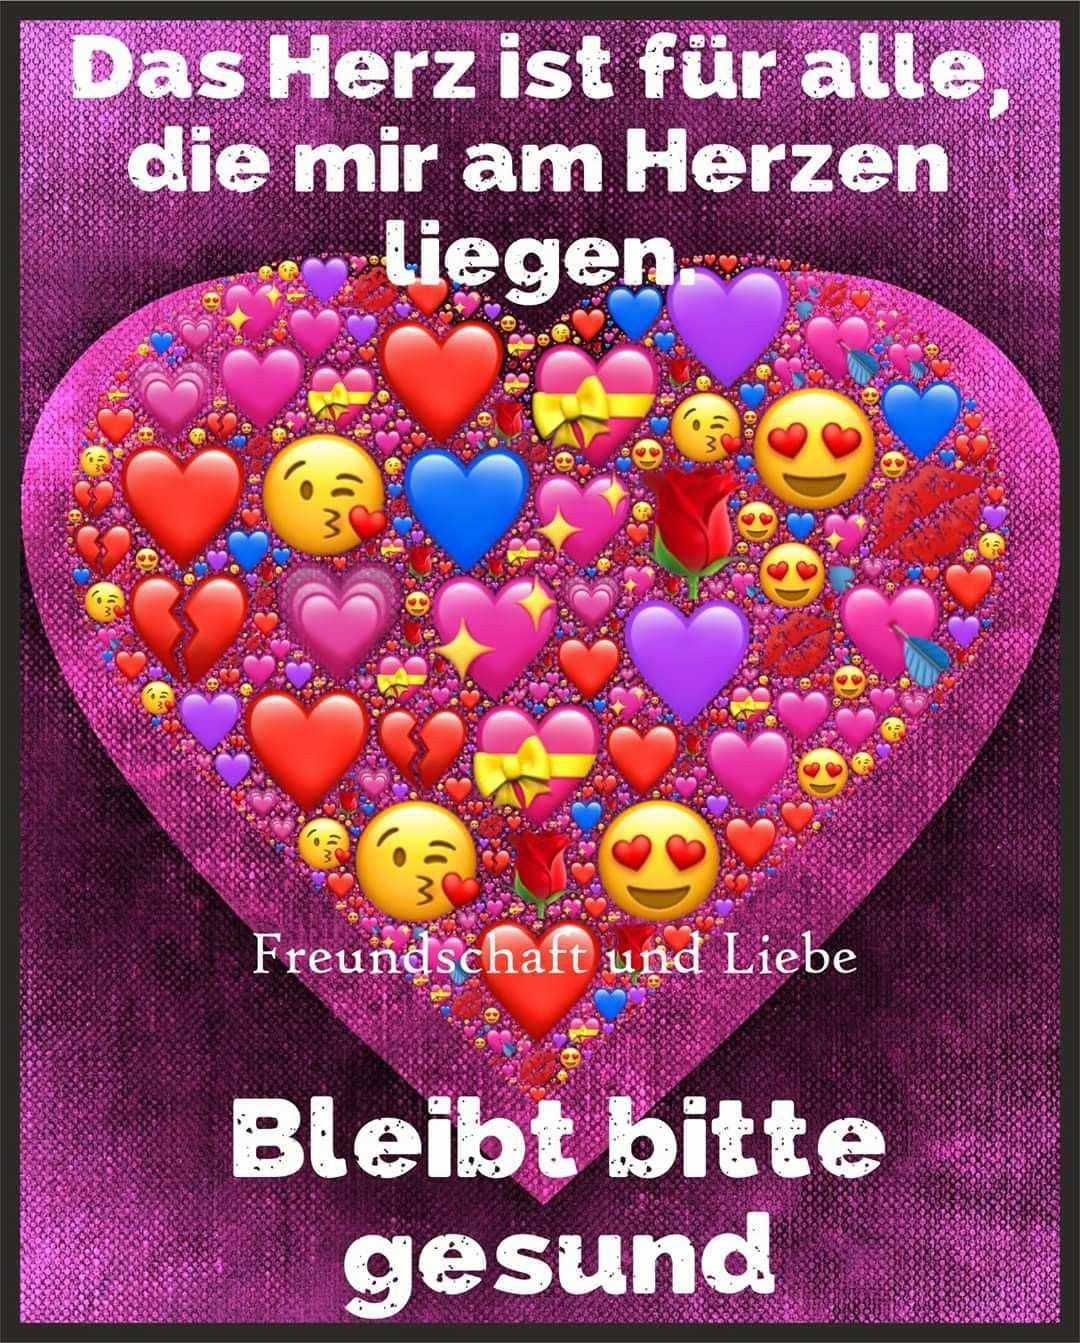 Pin Von Susanne Piesker Auf Hasi Schone Liebe Nachmittags Grusse Eulen Basteln Vorlage